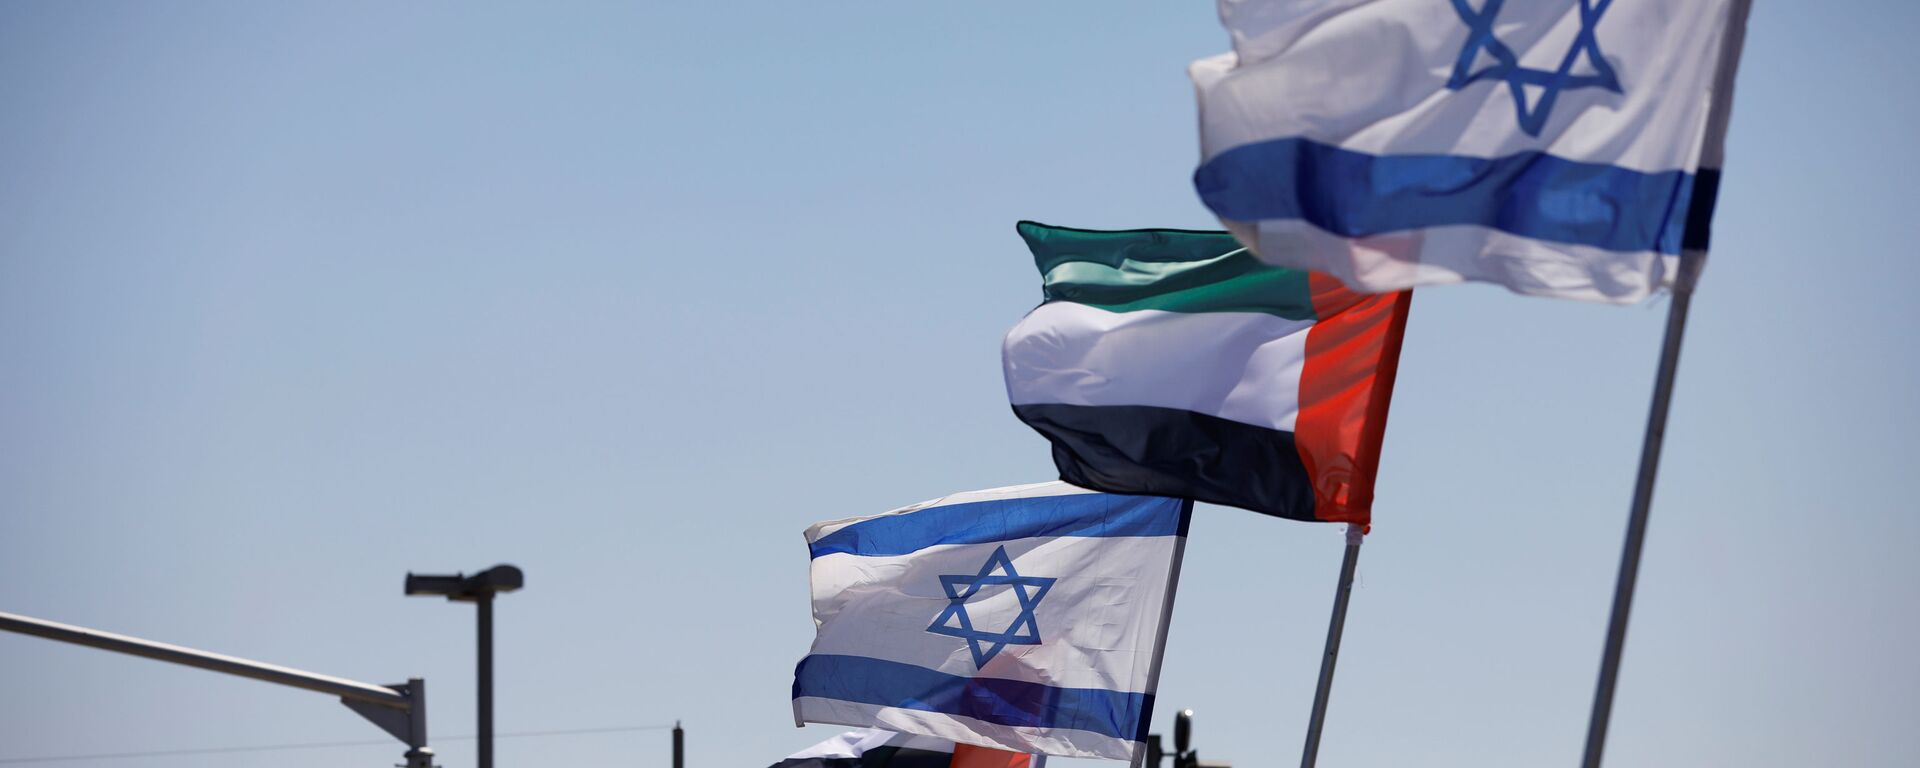 Las banderas de Israel y EAU - Sputnik Mundo, 1920, 28.08.2020